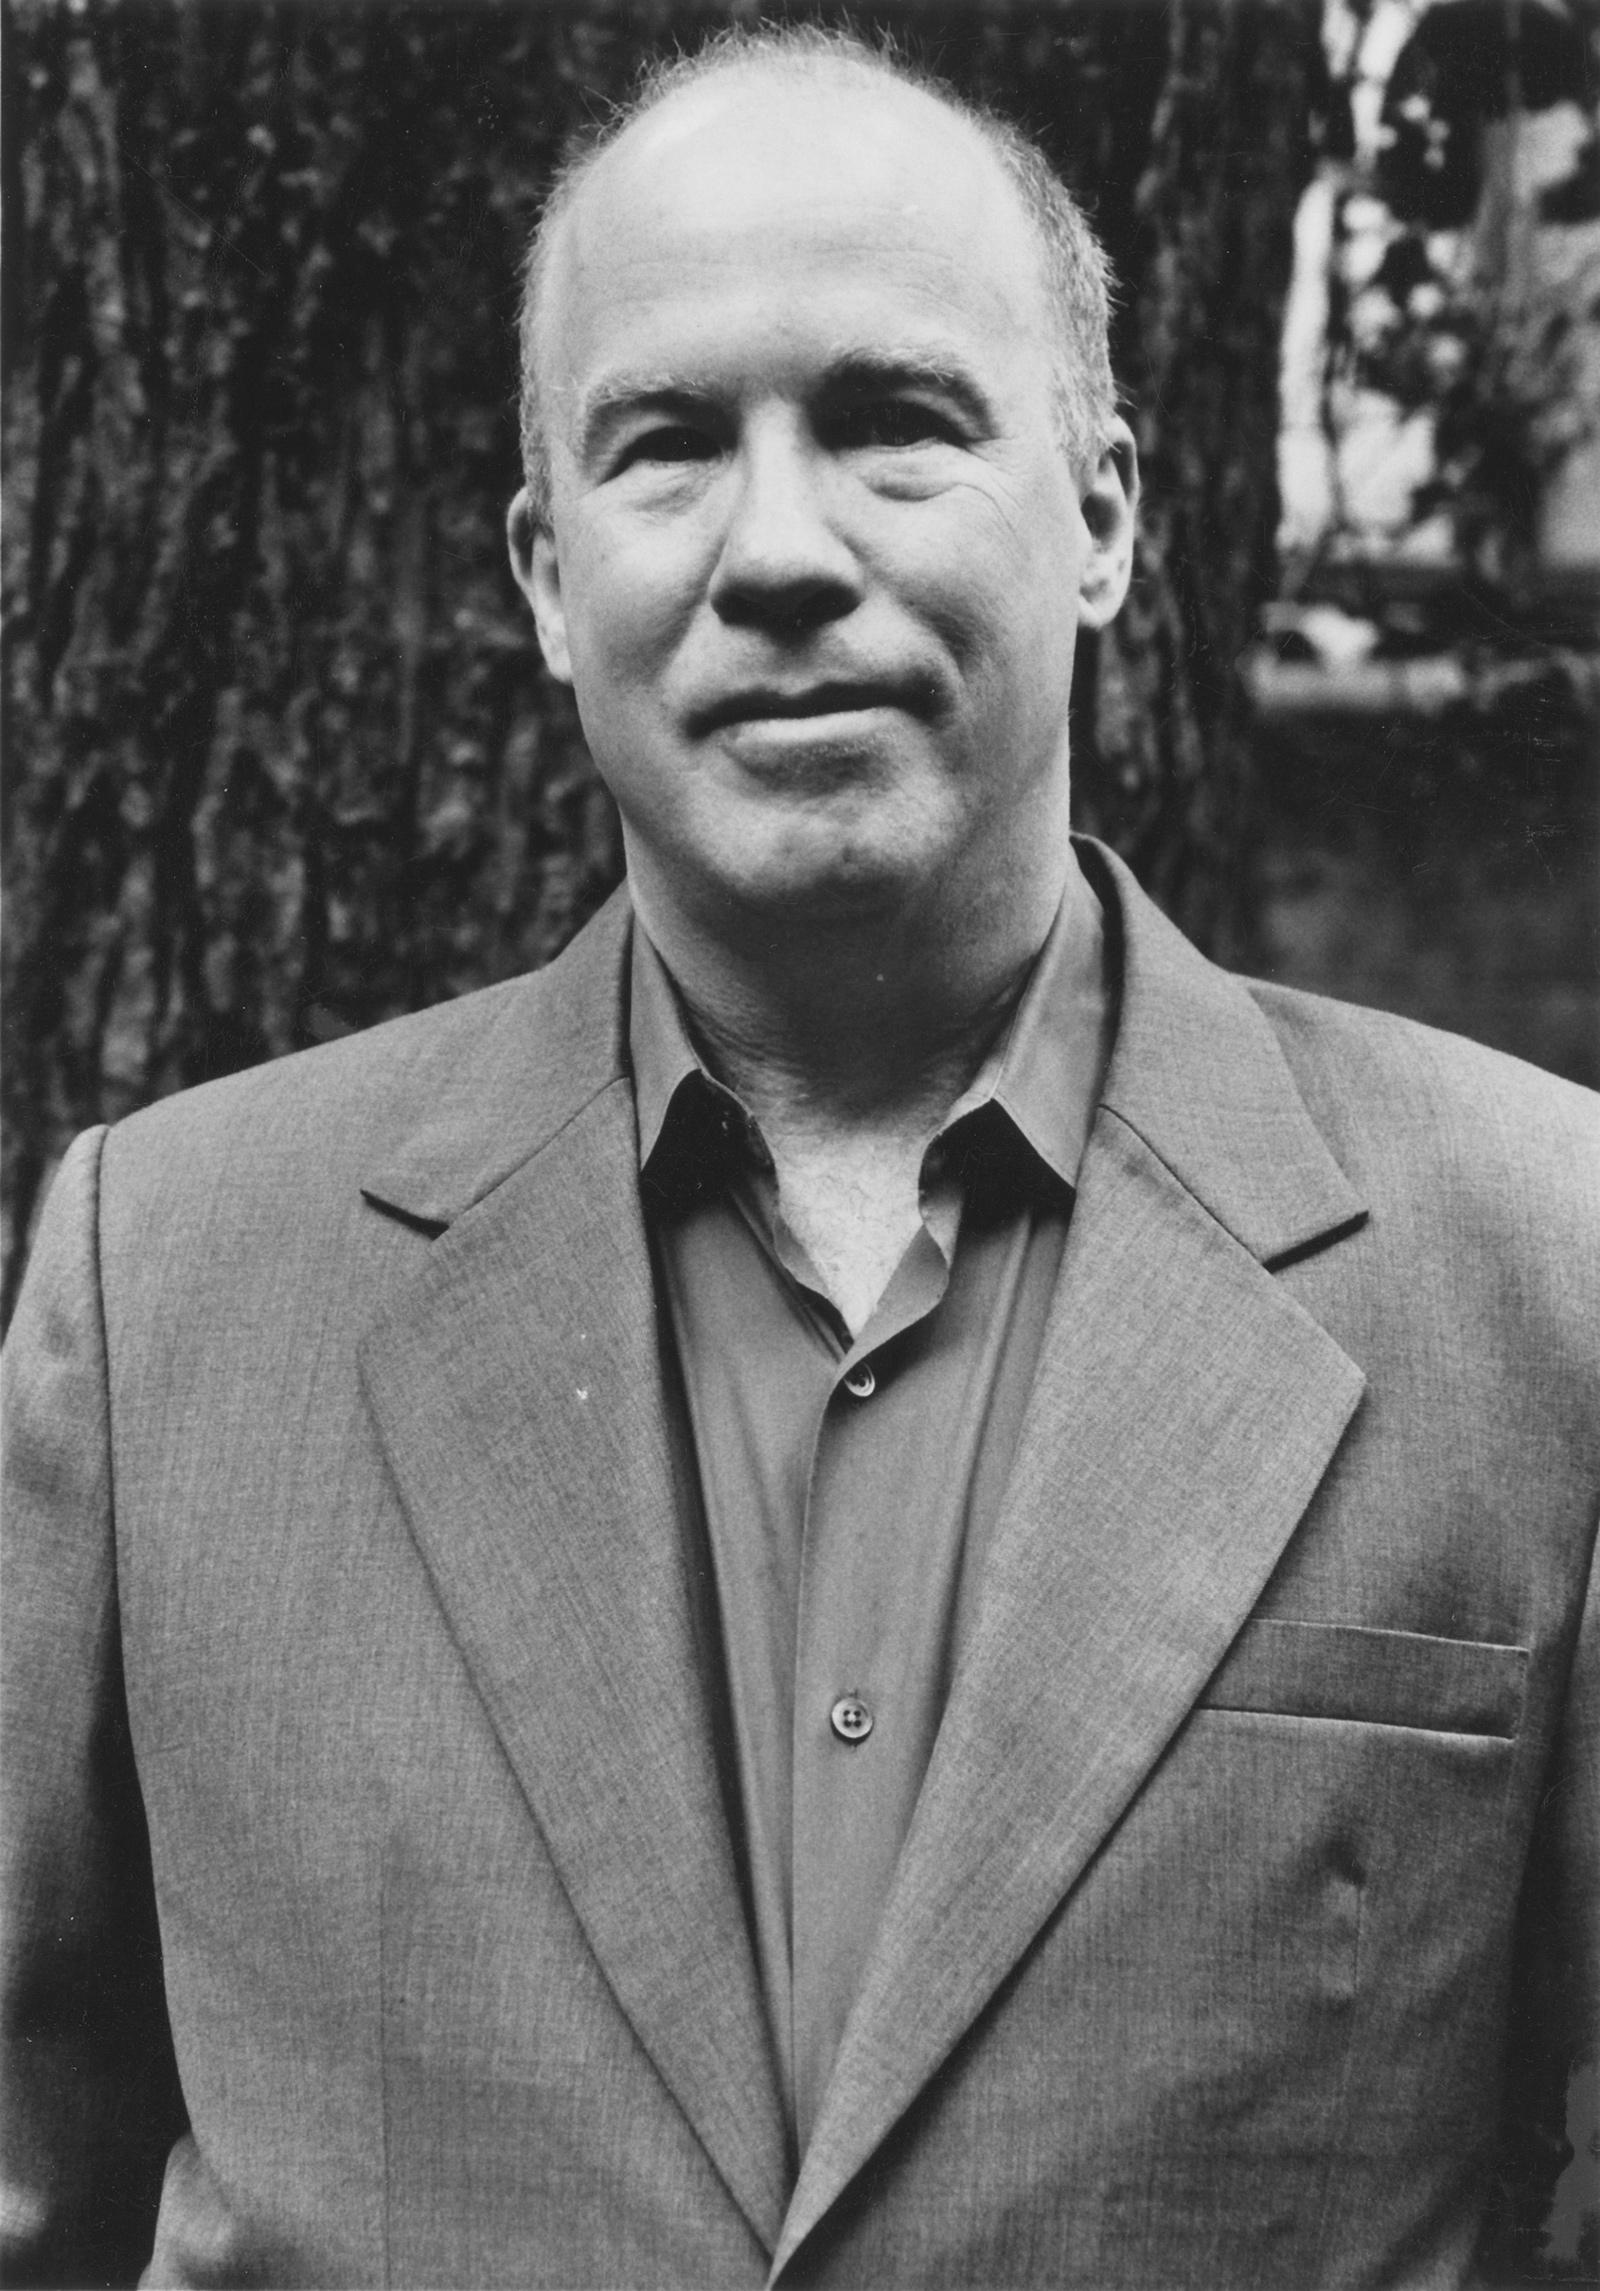 Mark Danner, New York City, November 2007